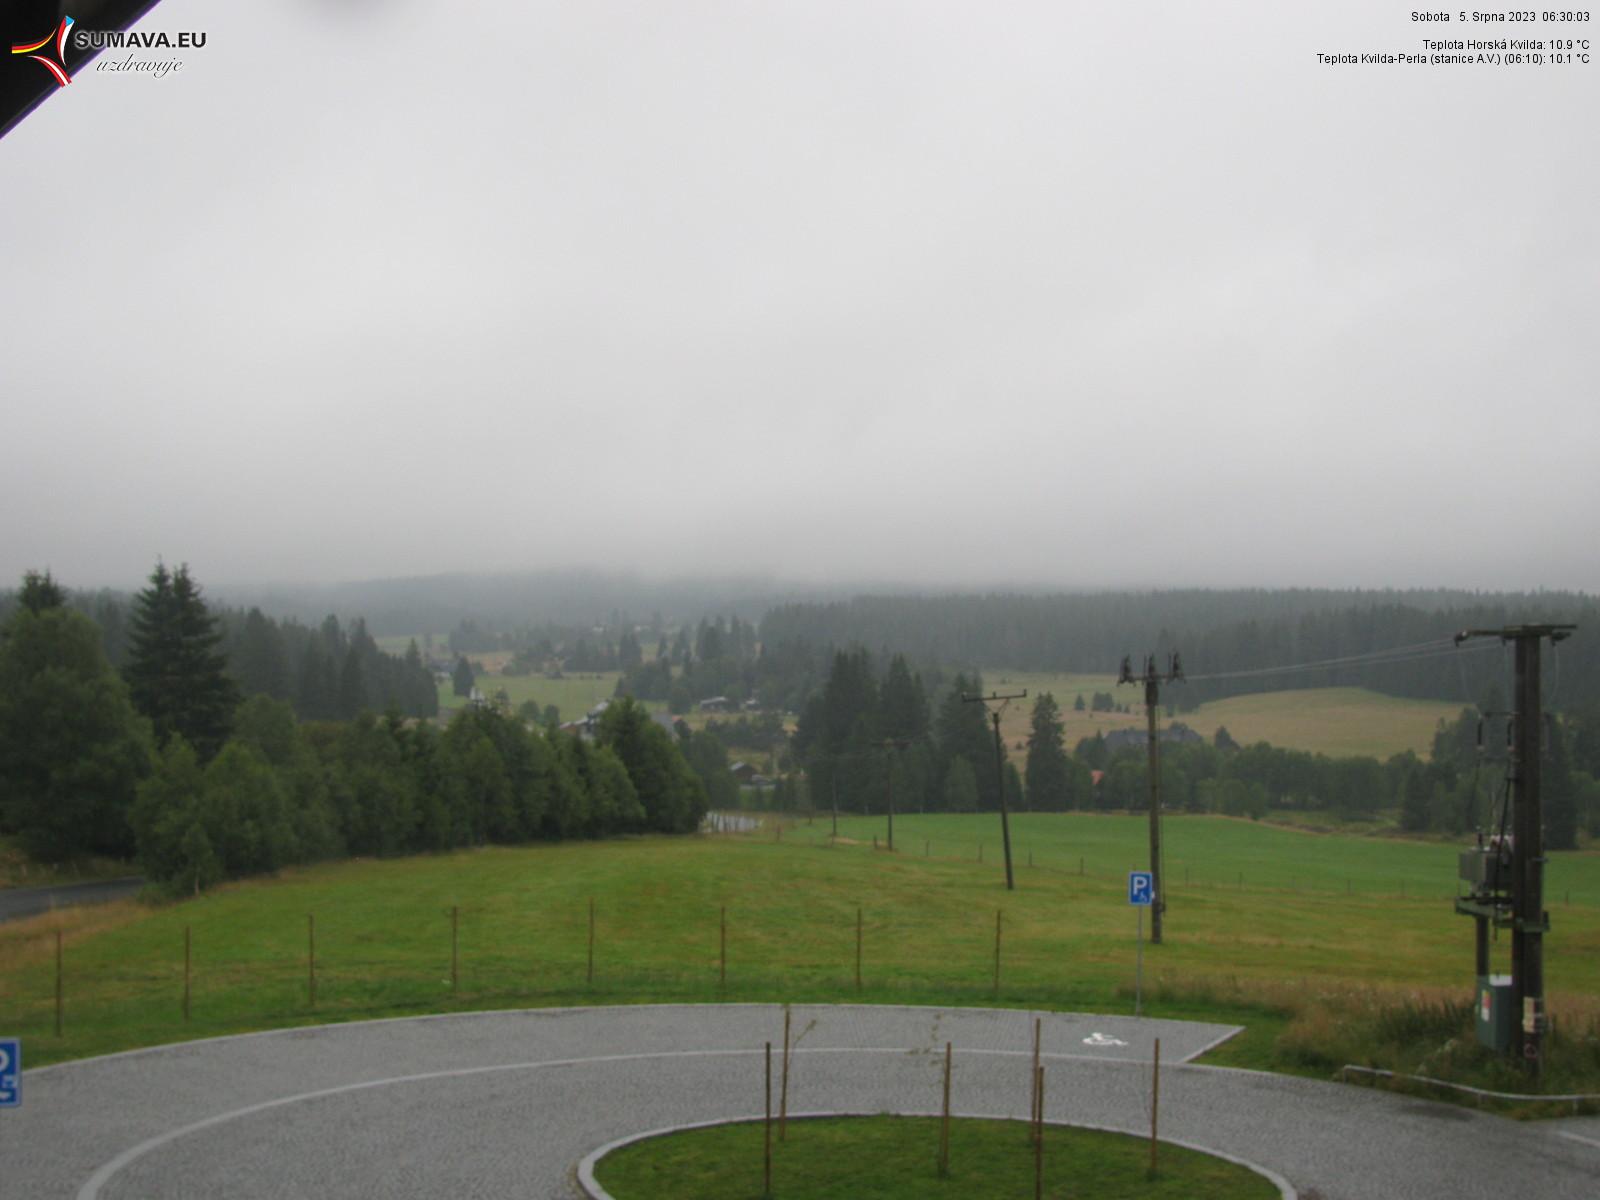 Webkamera - Horská Kvilda